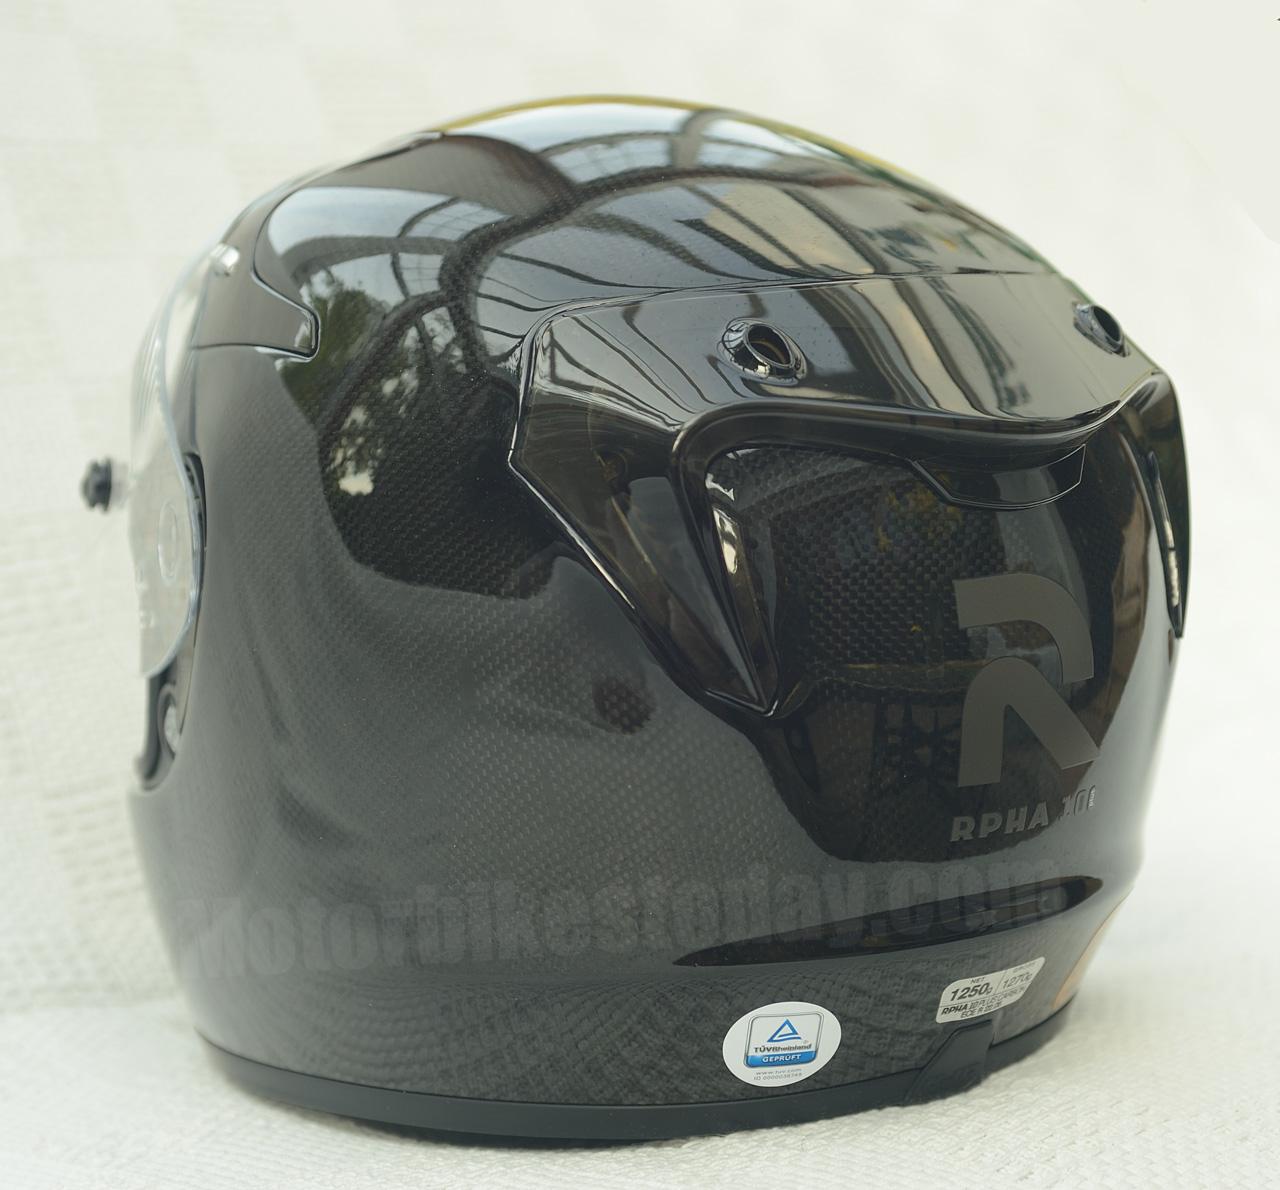 hjc rpha10 carbon helmet. Black Bedroom Furniture Sets. Home Design Ideas